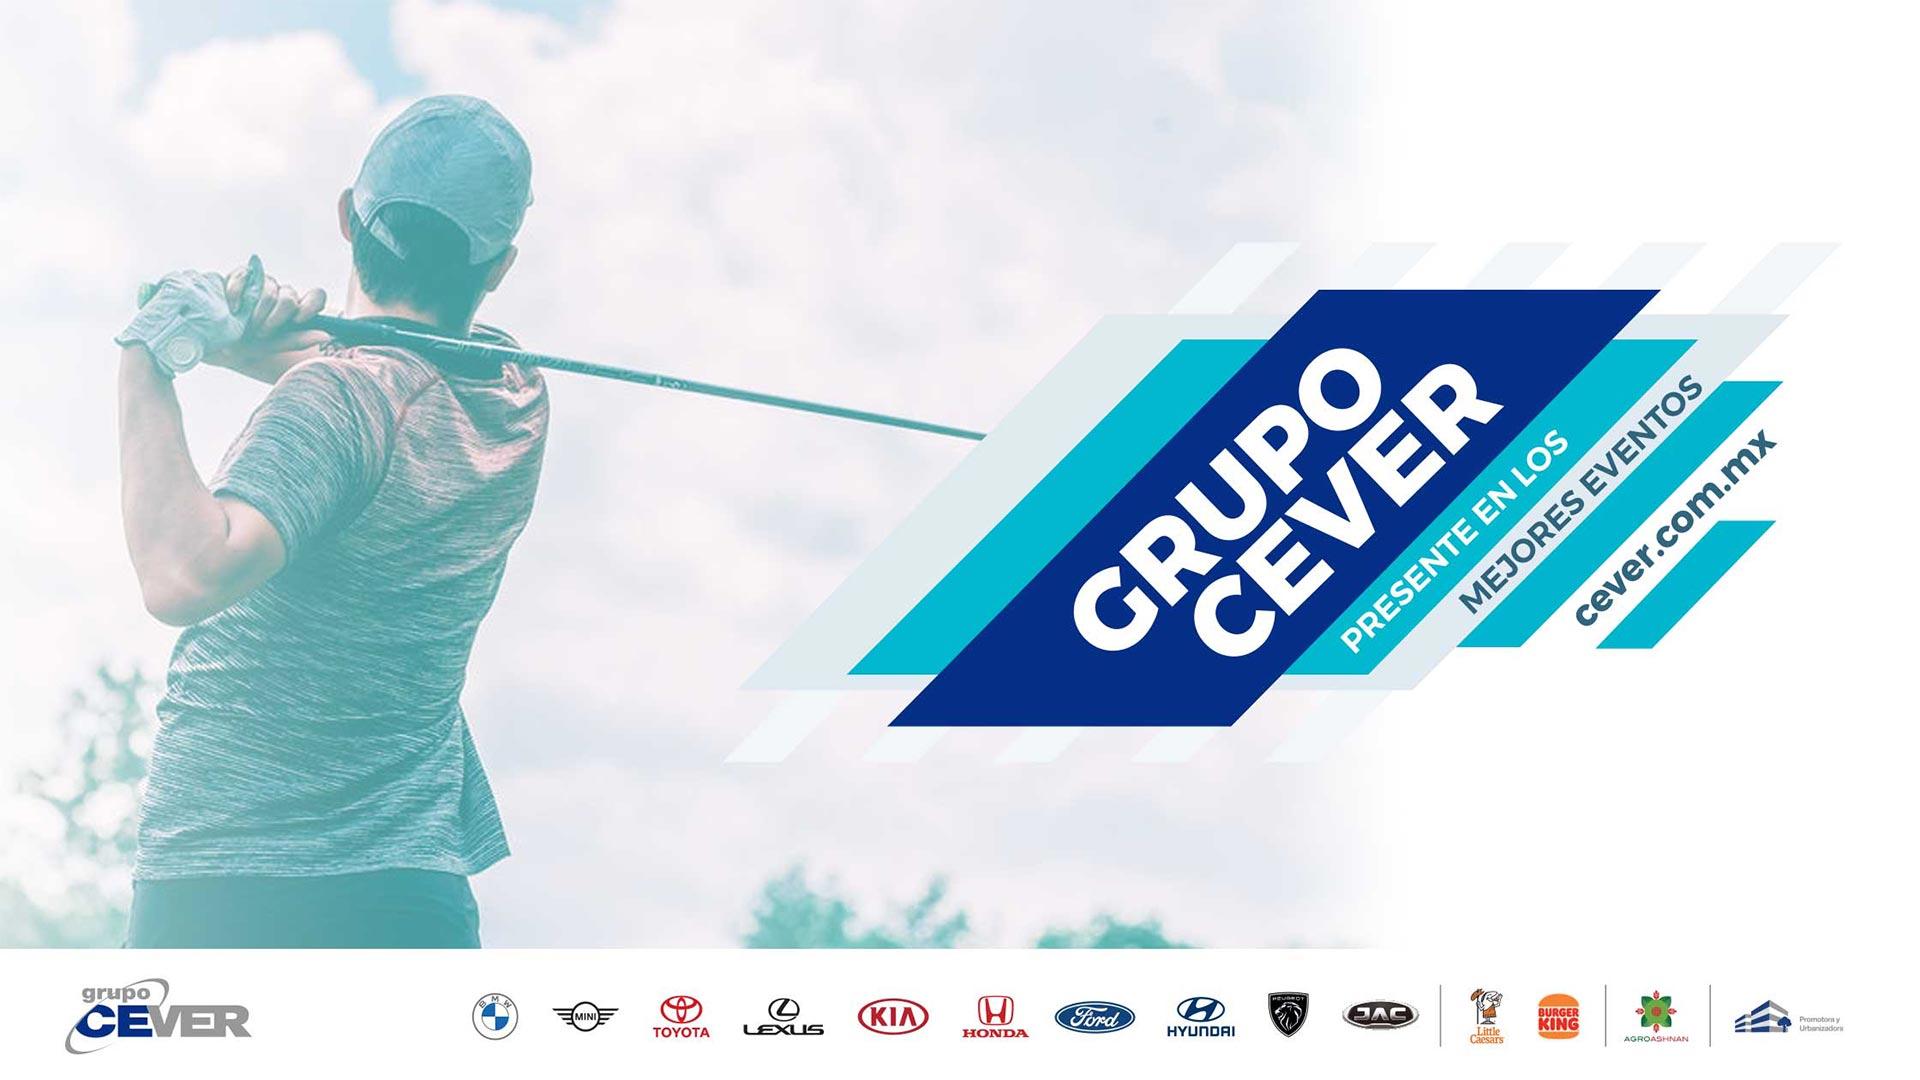 Grupo Cever Presente en el Torneo de Golf Club Chapultepec